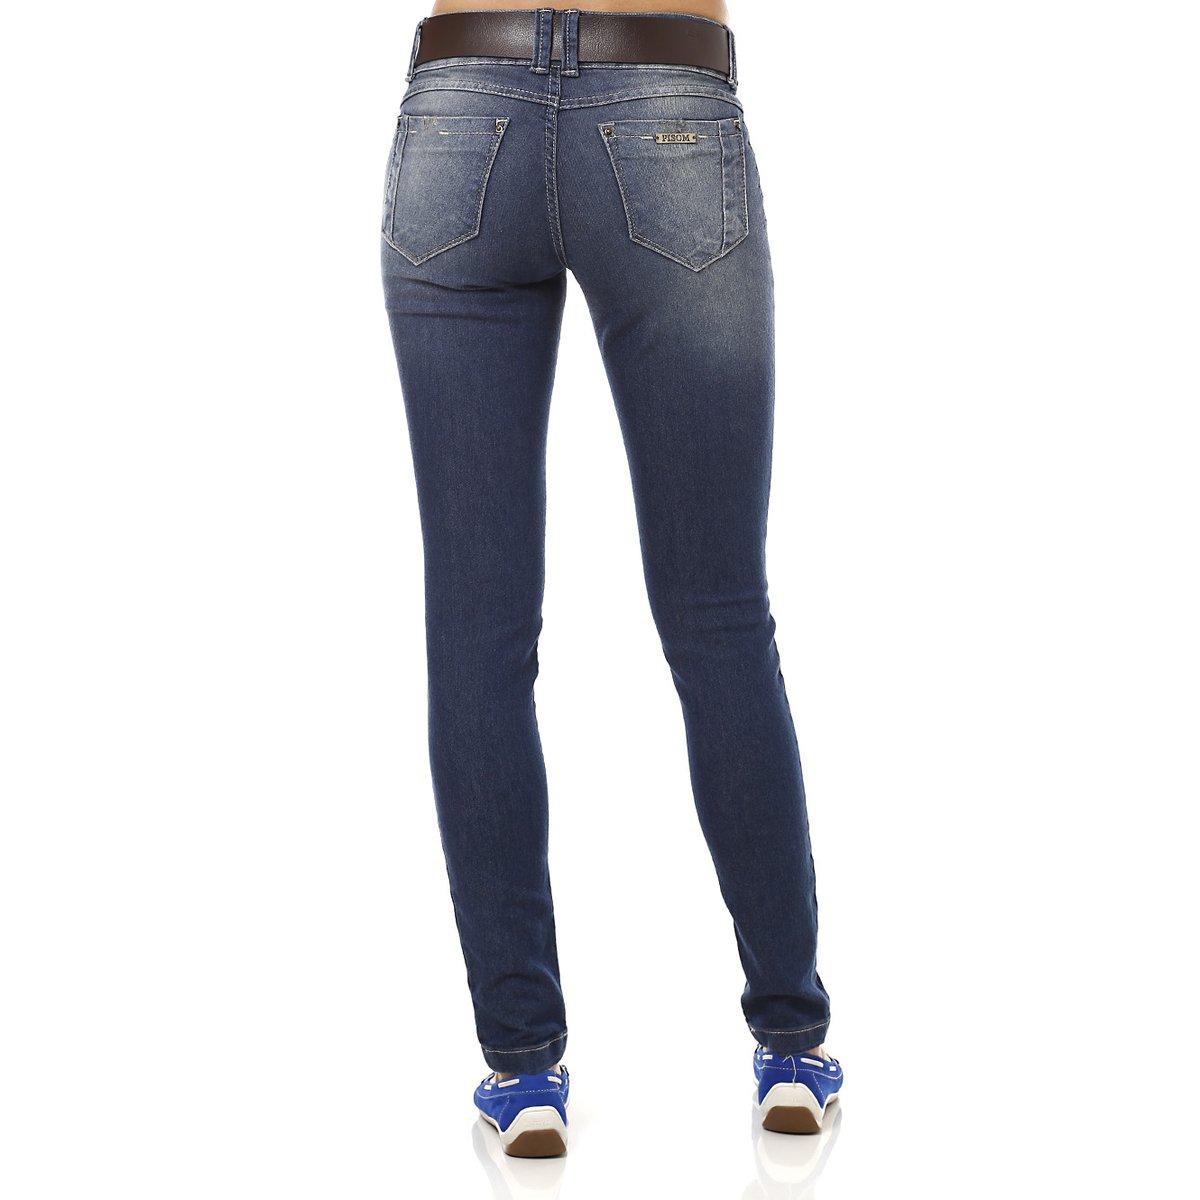 2e68cb48b Calça Jeans Feminina com Cinto Azul - Compre Agora